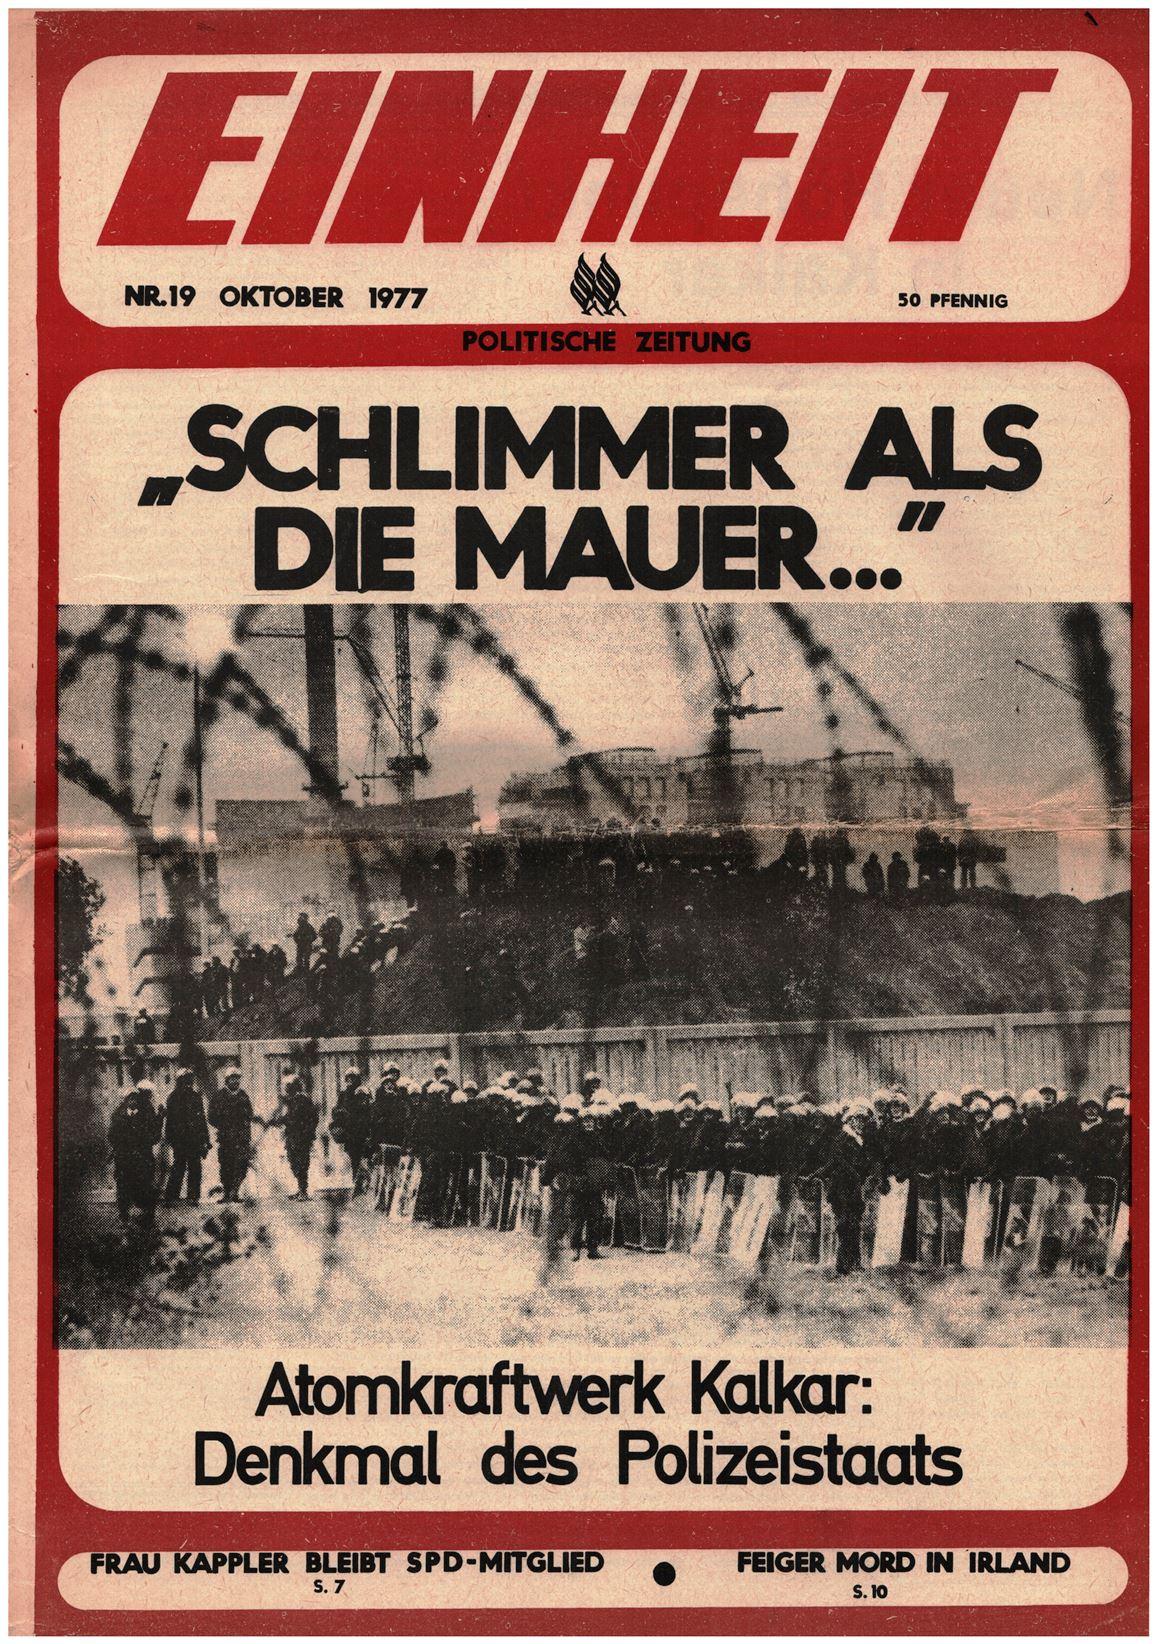 Koeln_IPdA_Einheit_1977_019_001